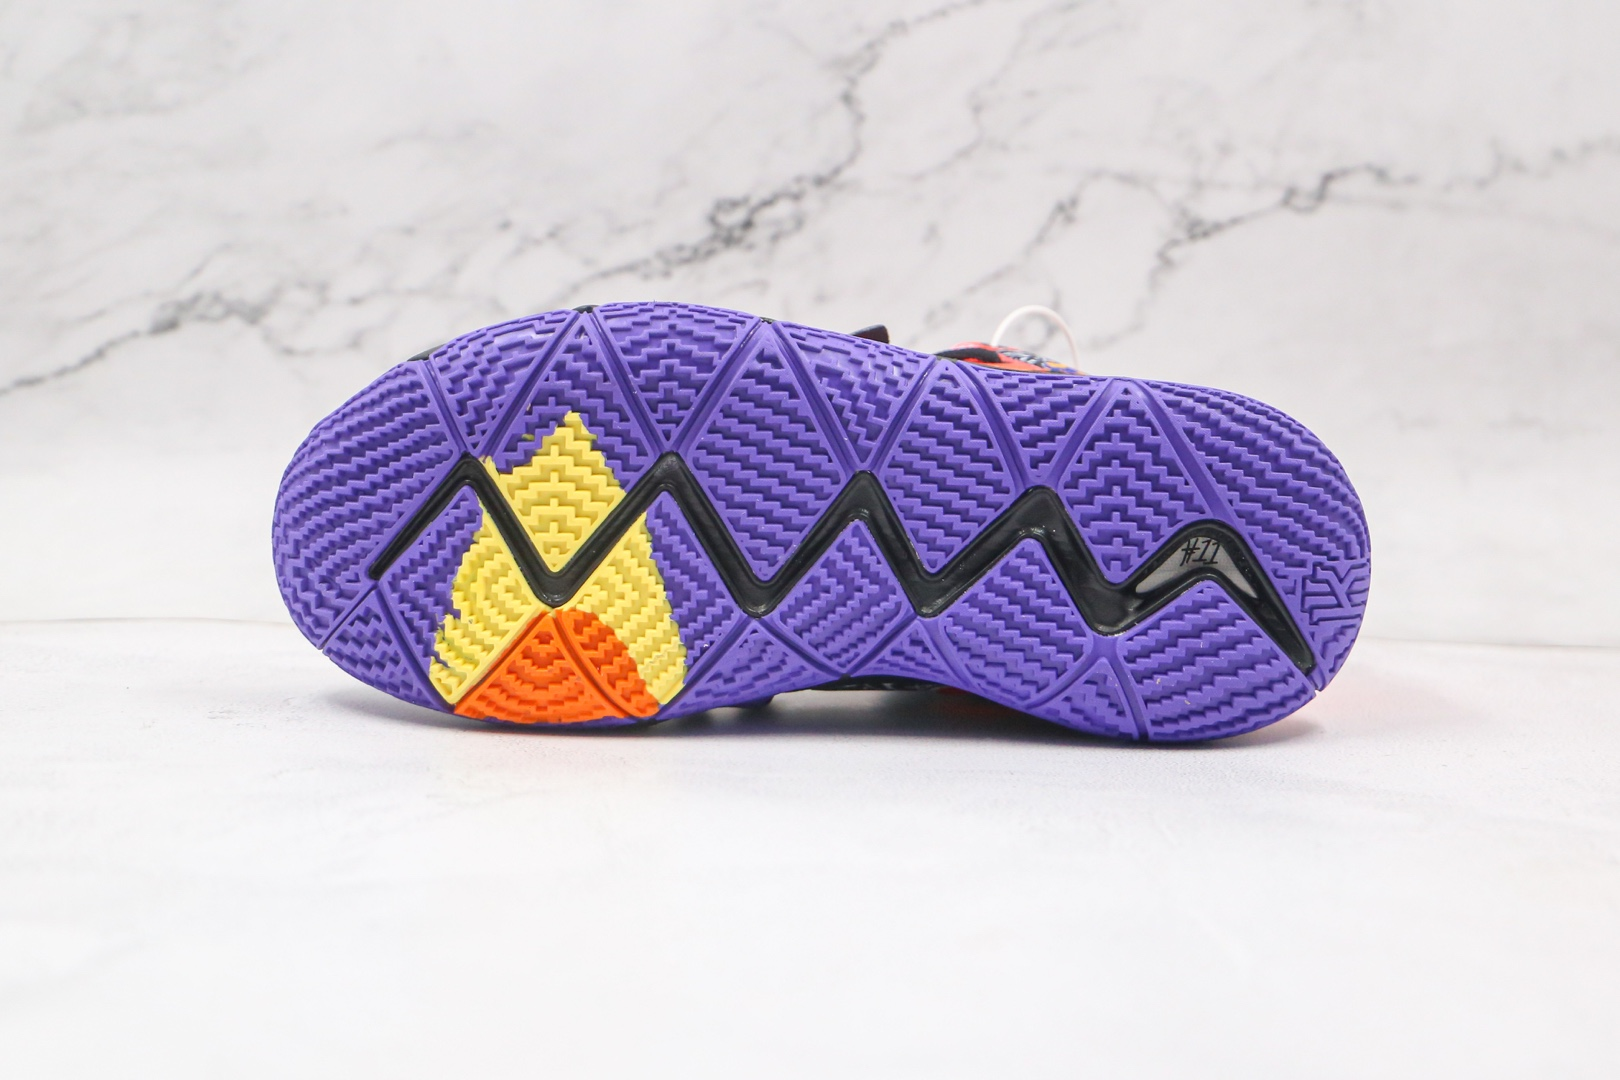 耐克Nike Kybrid S2 Ep Chinese New Year纯原版本欧文S2签名款CNY配色实战篮球鞋内置真实气垫 货号:DD1469-600